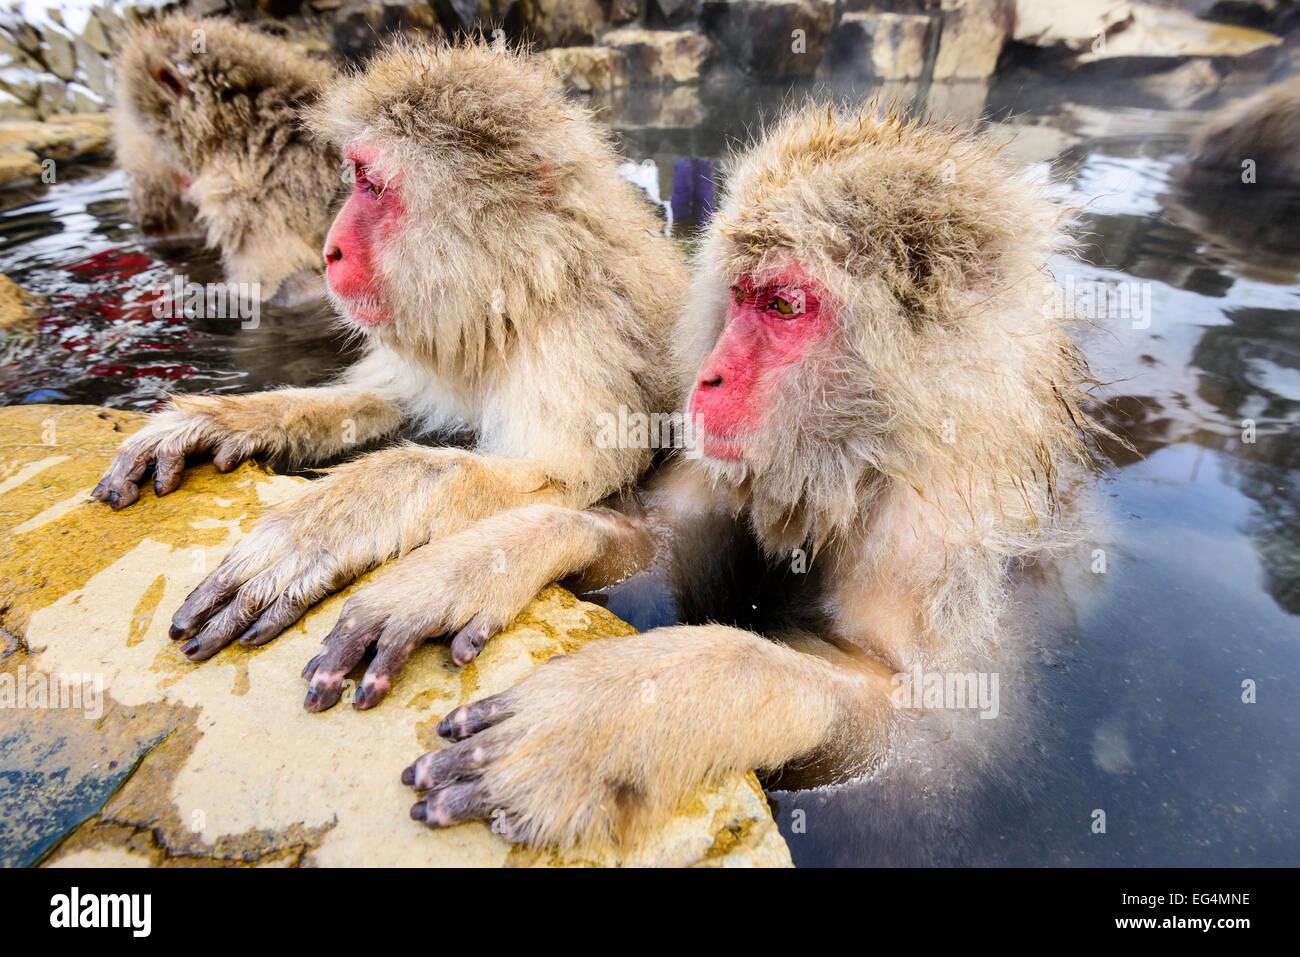 Neve le scimmie in Nagano, Giappone. Immagini Stock